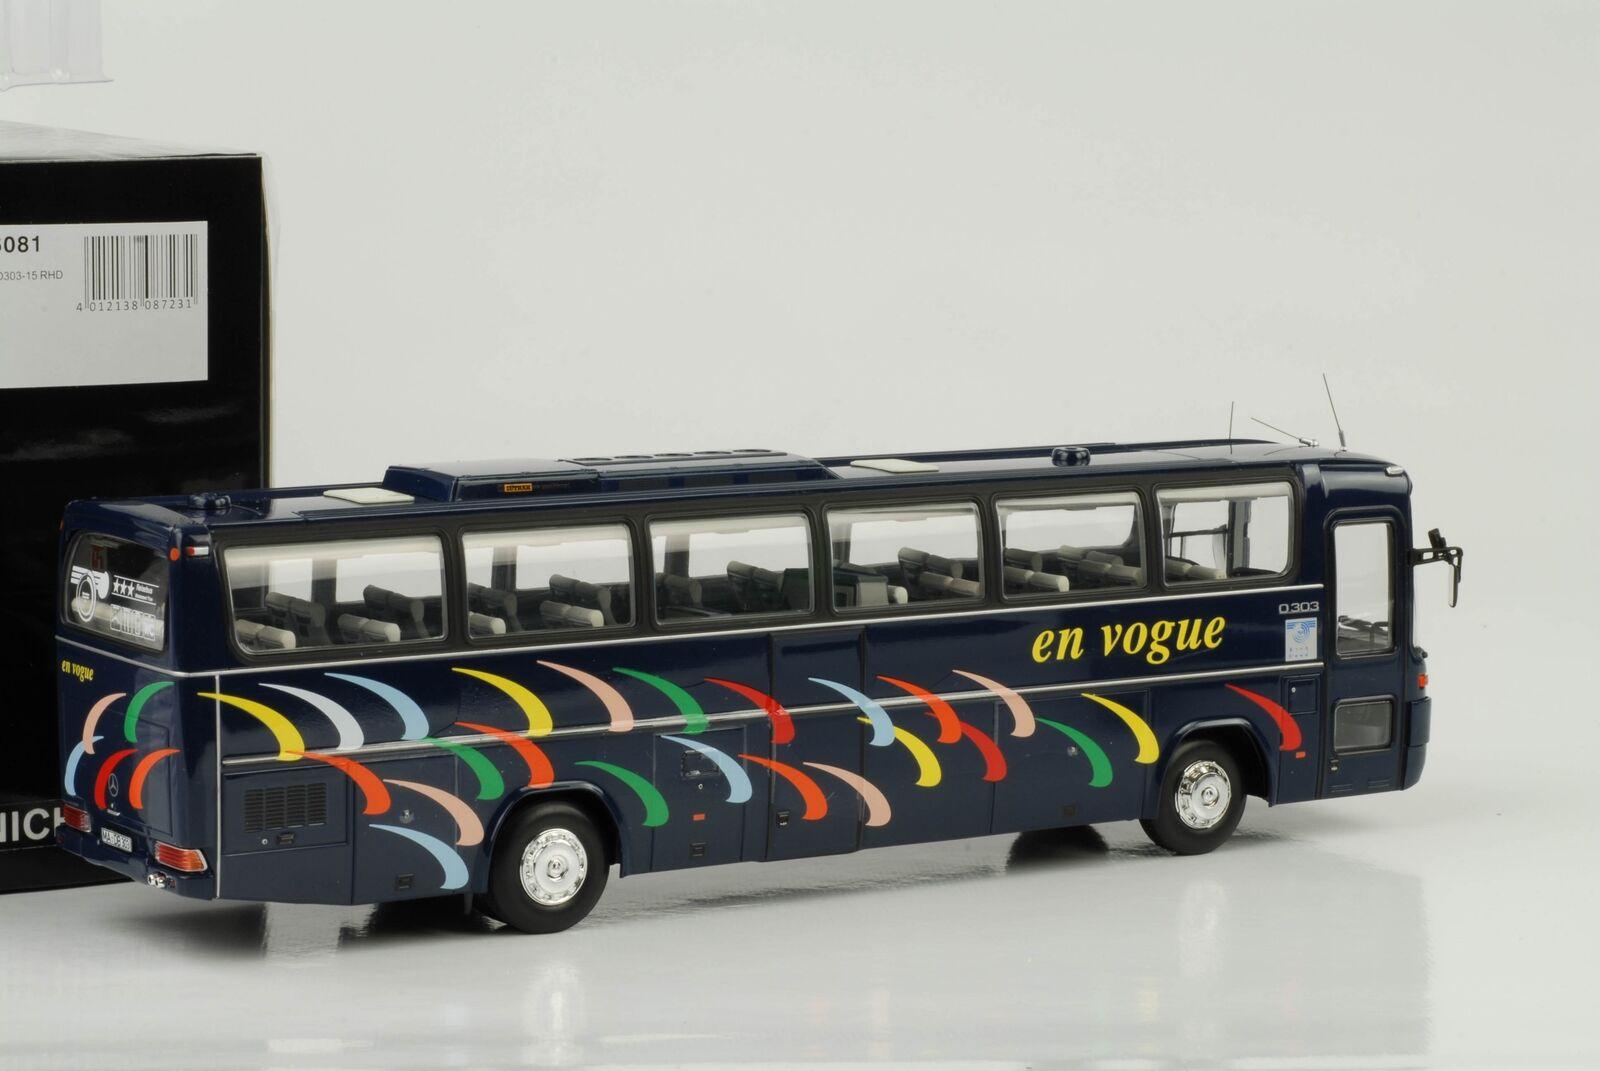 Mercedes-Benz Bus Autocar o303-15 RHD 1979 En Vogue Bleu 1 43 Minichamps